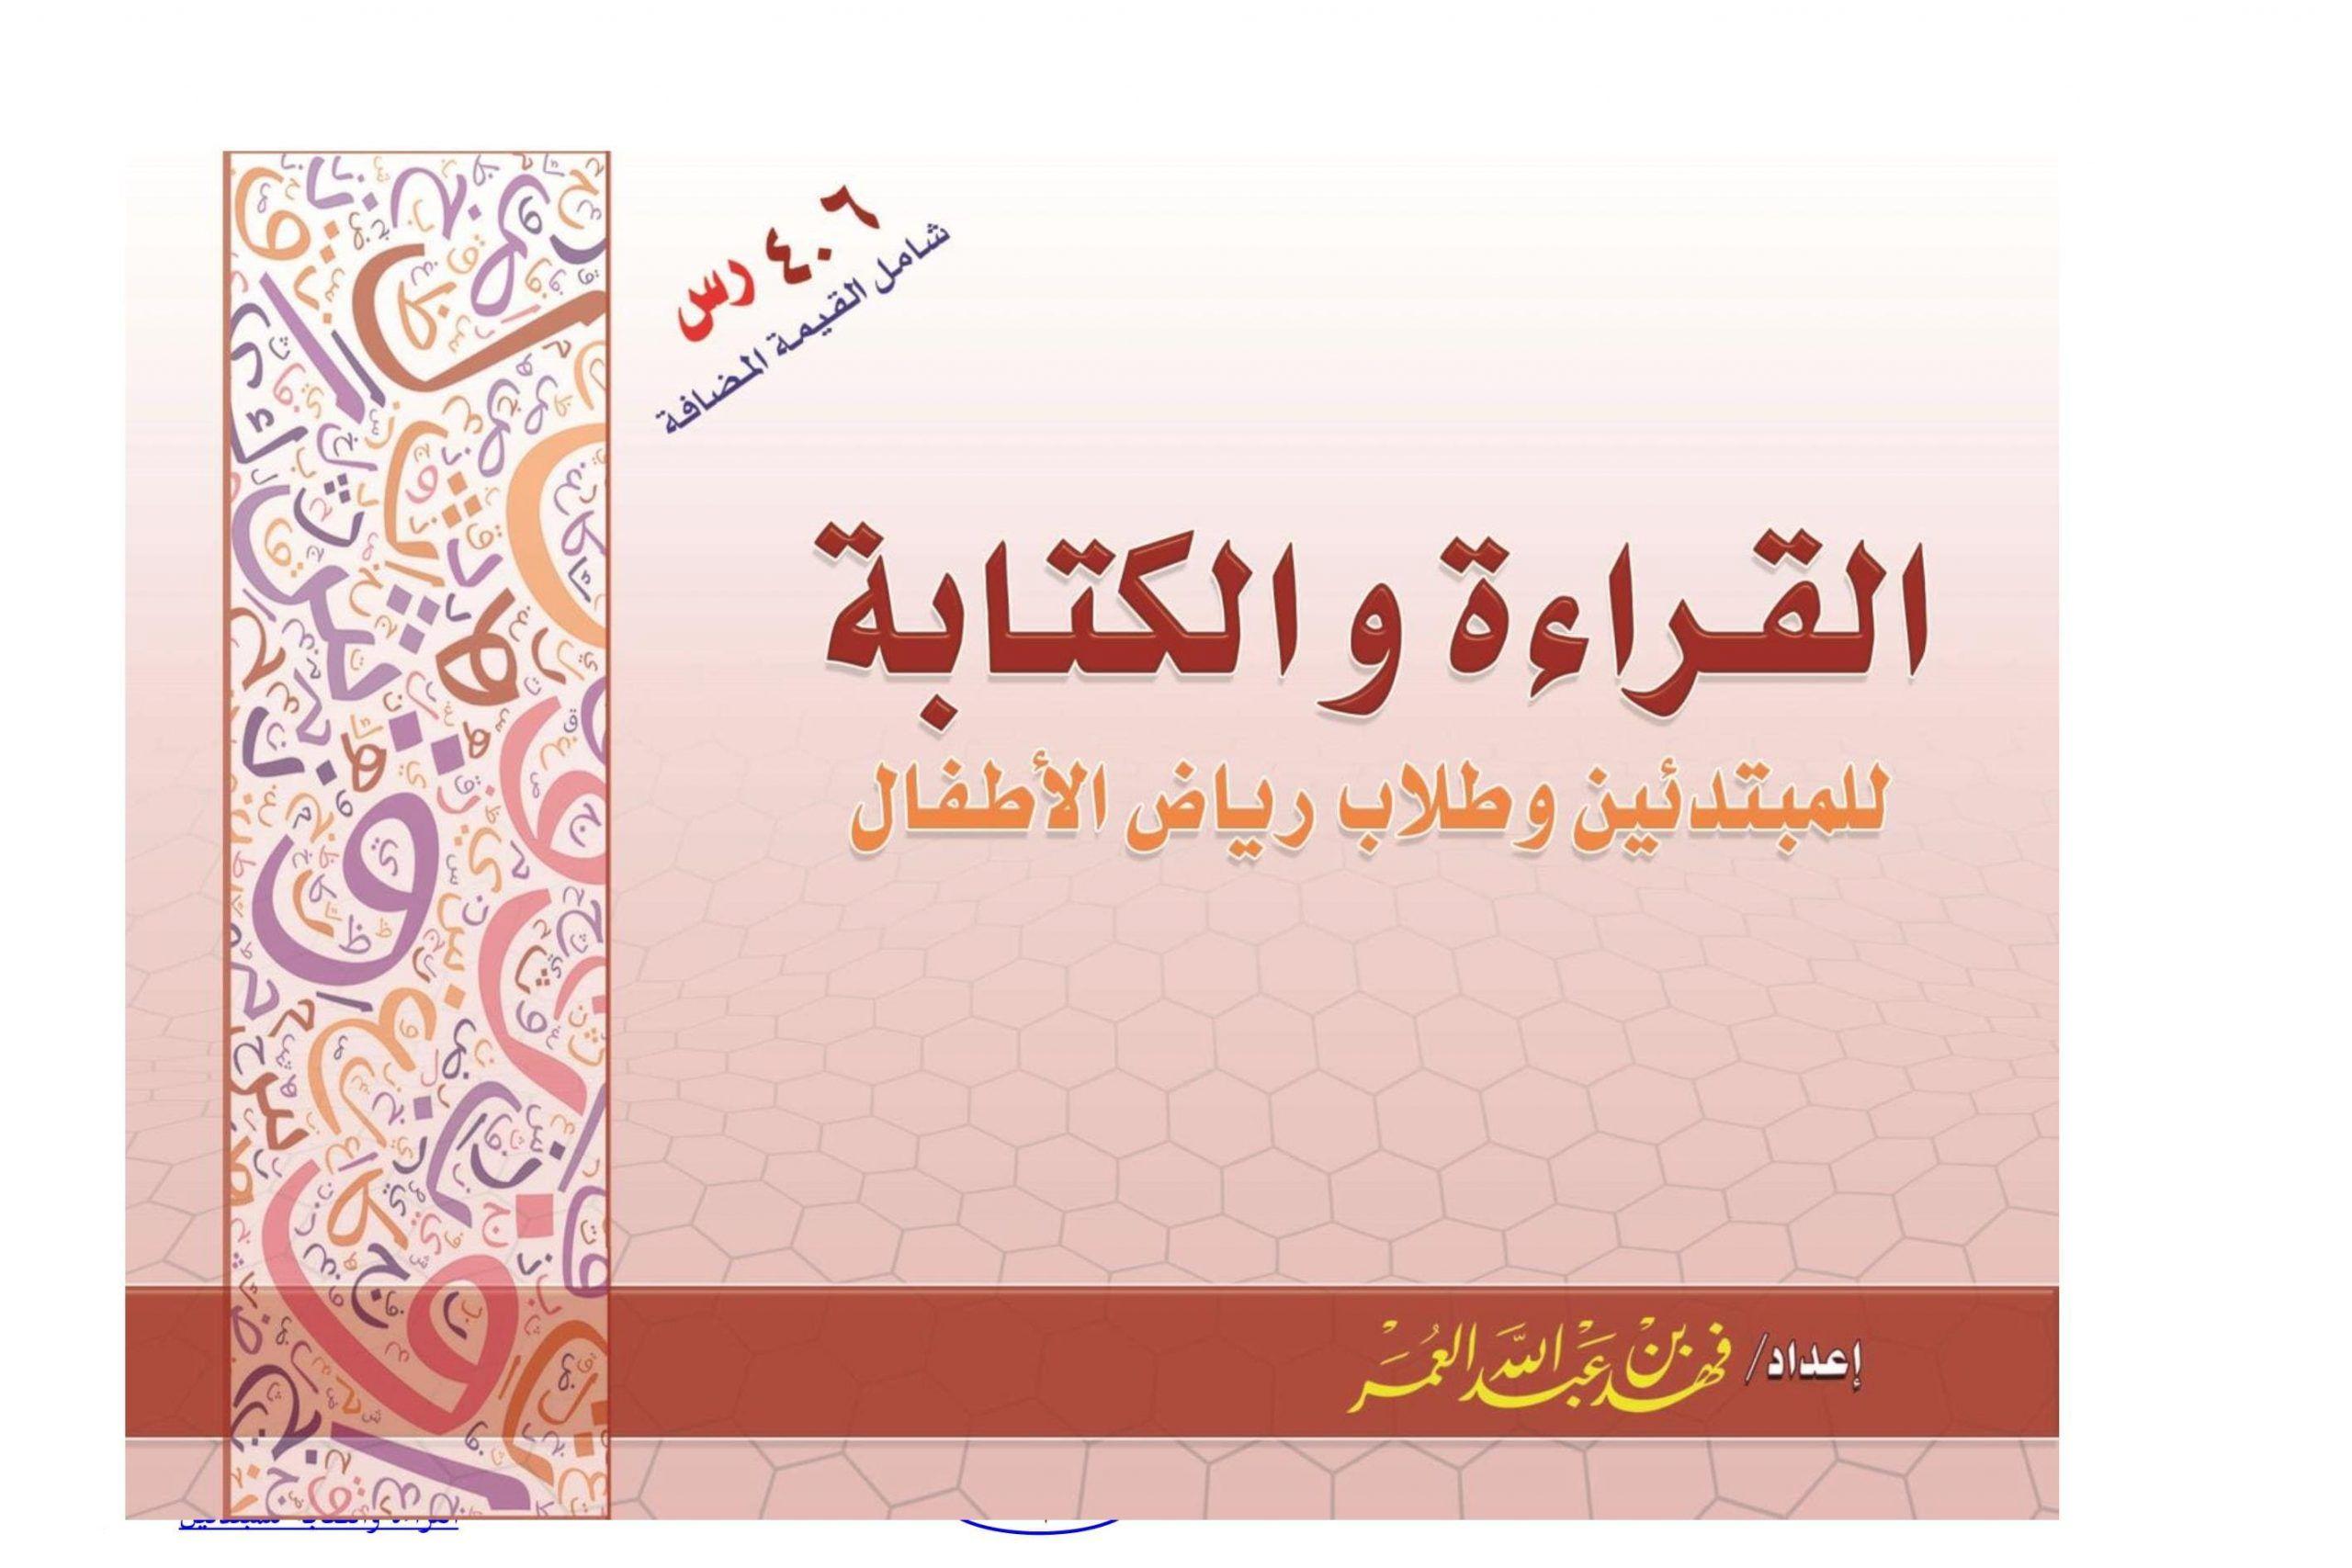 كتاب القراءة و الكتابة للمبتدئين و طلاب رياض الاطفال